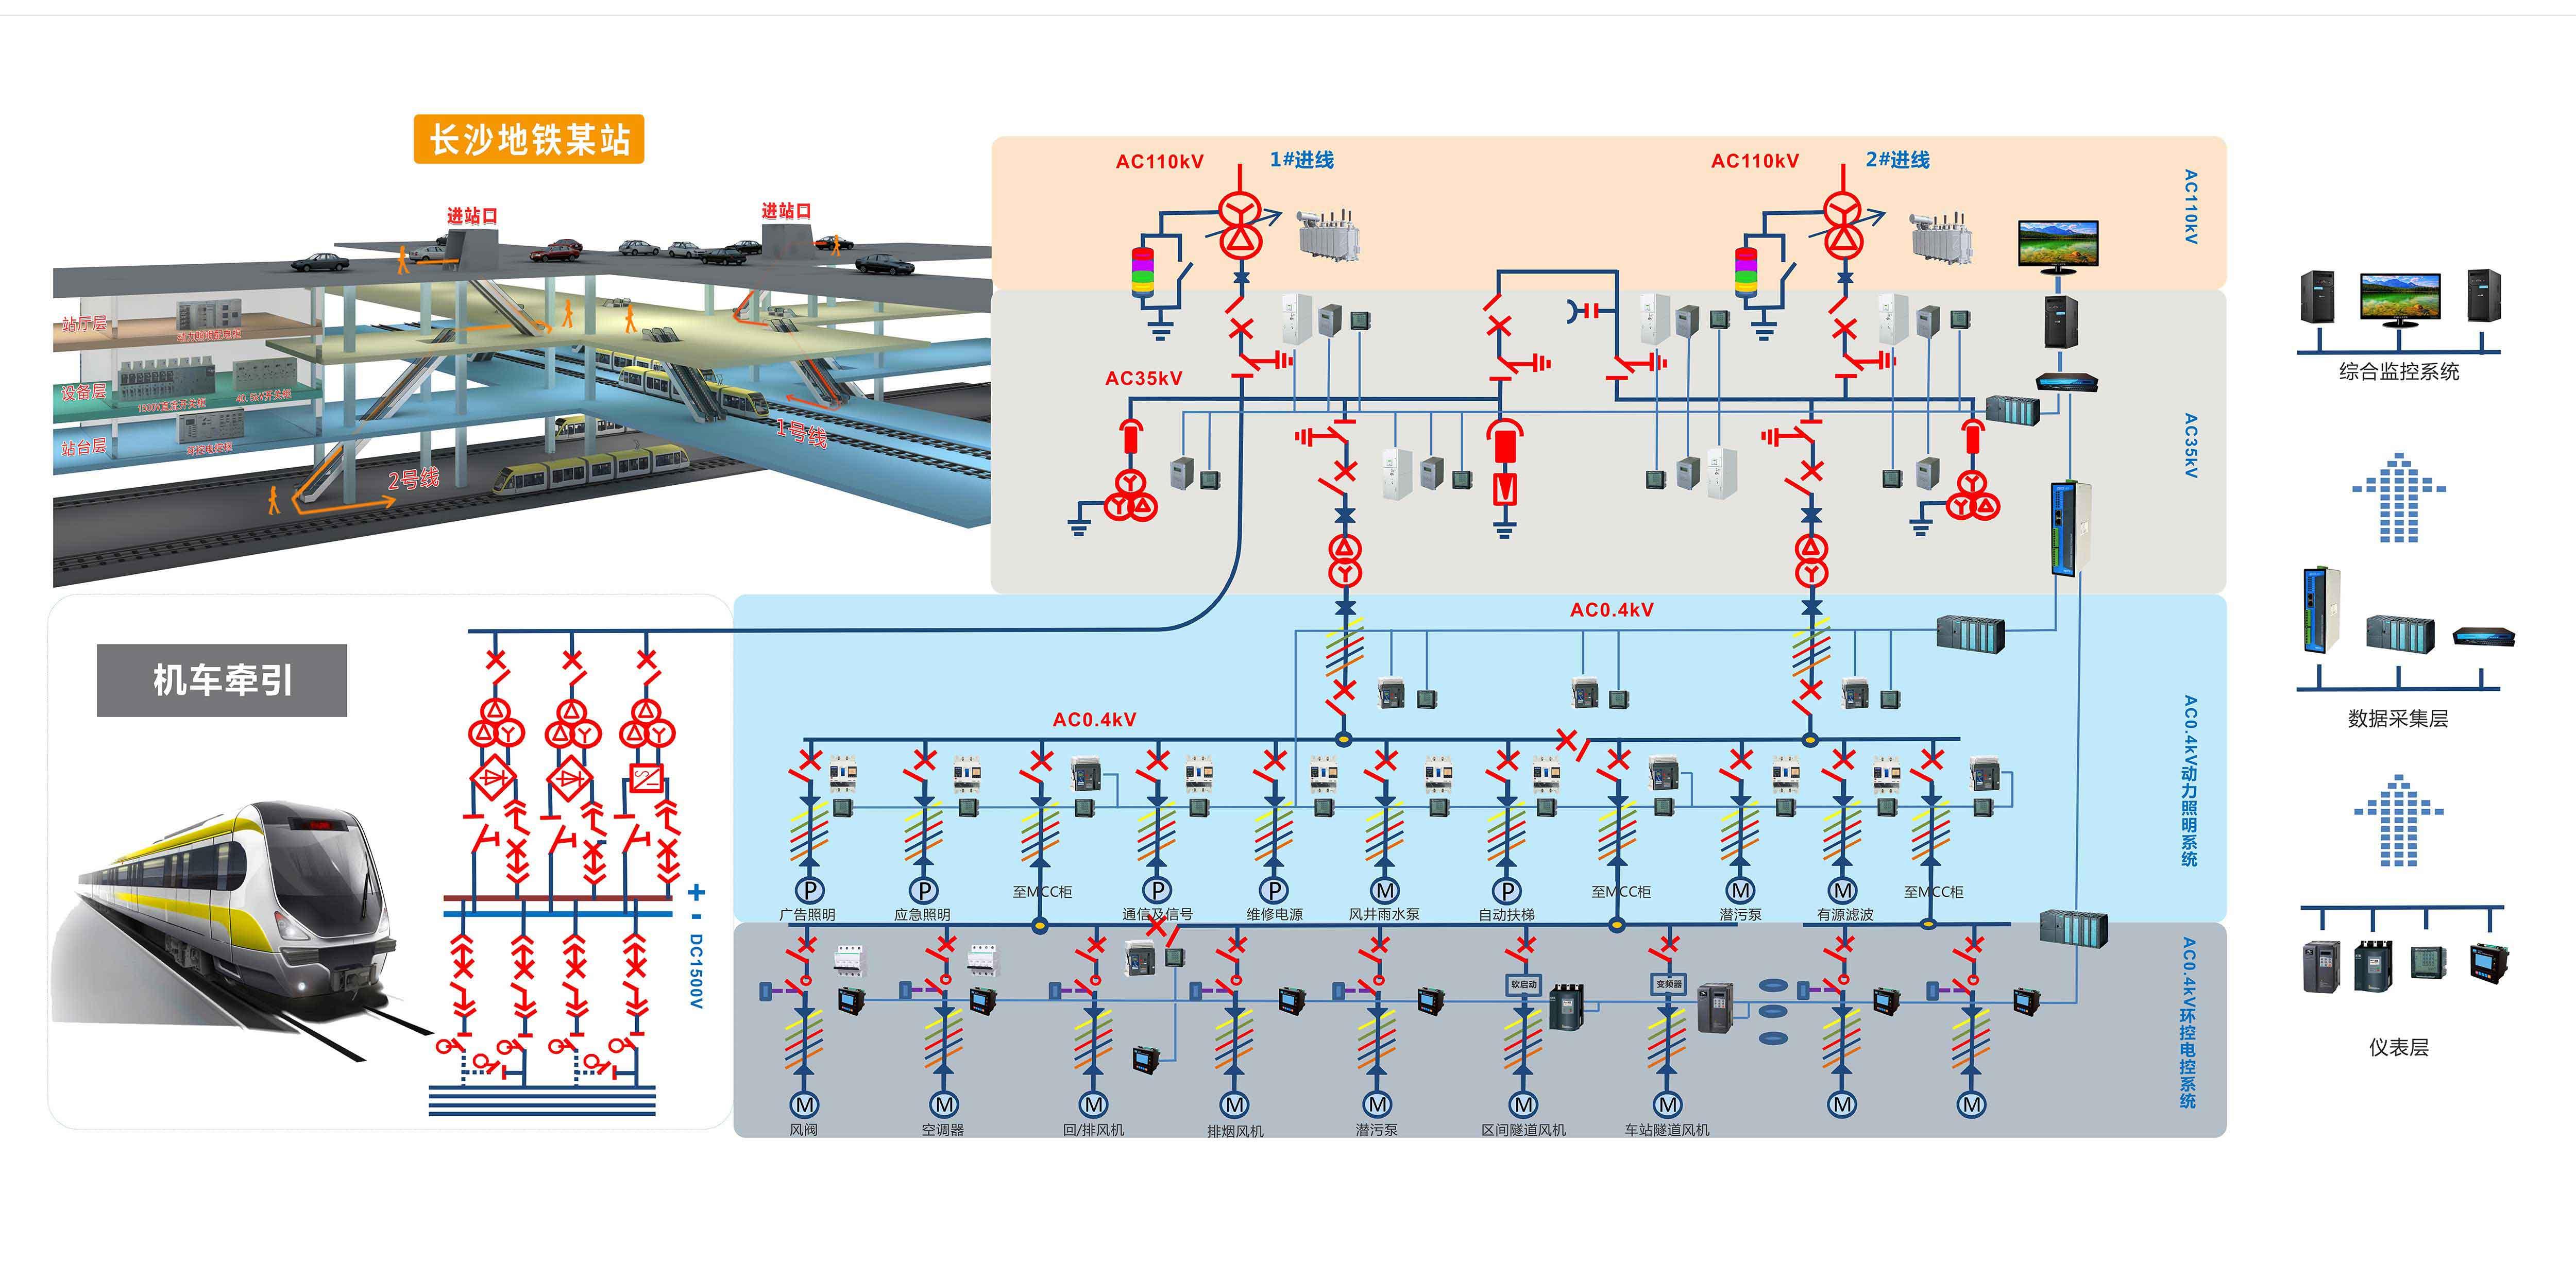 地铁配电系统解决方案